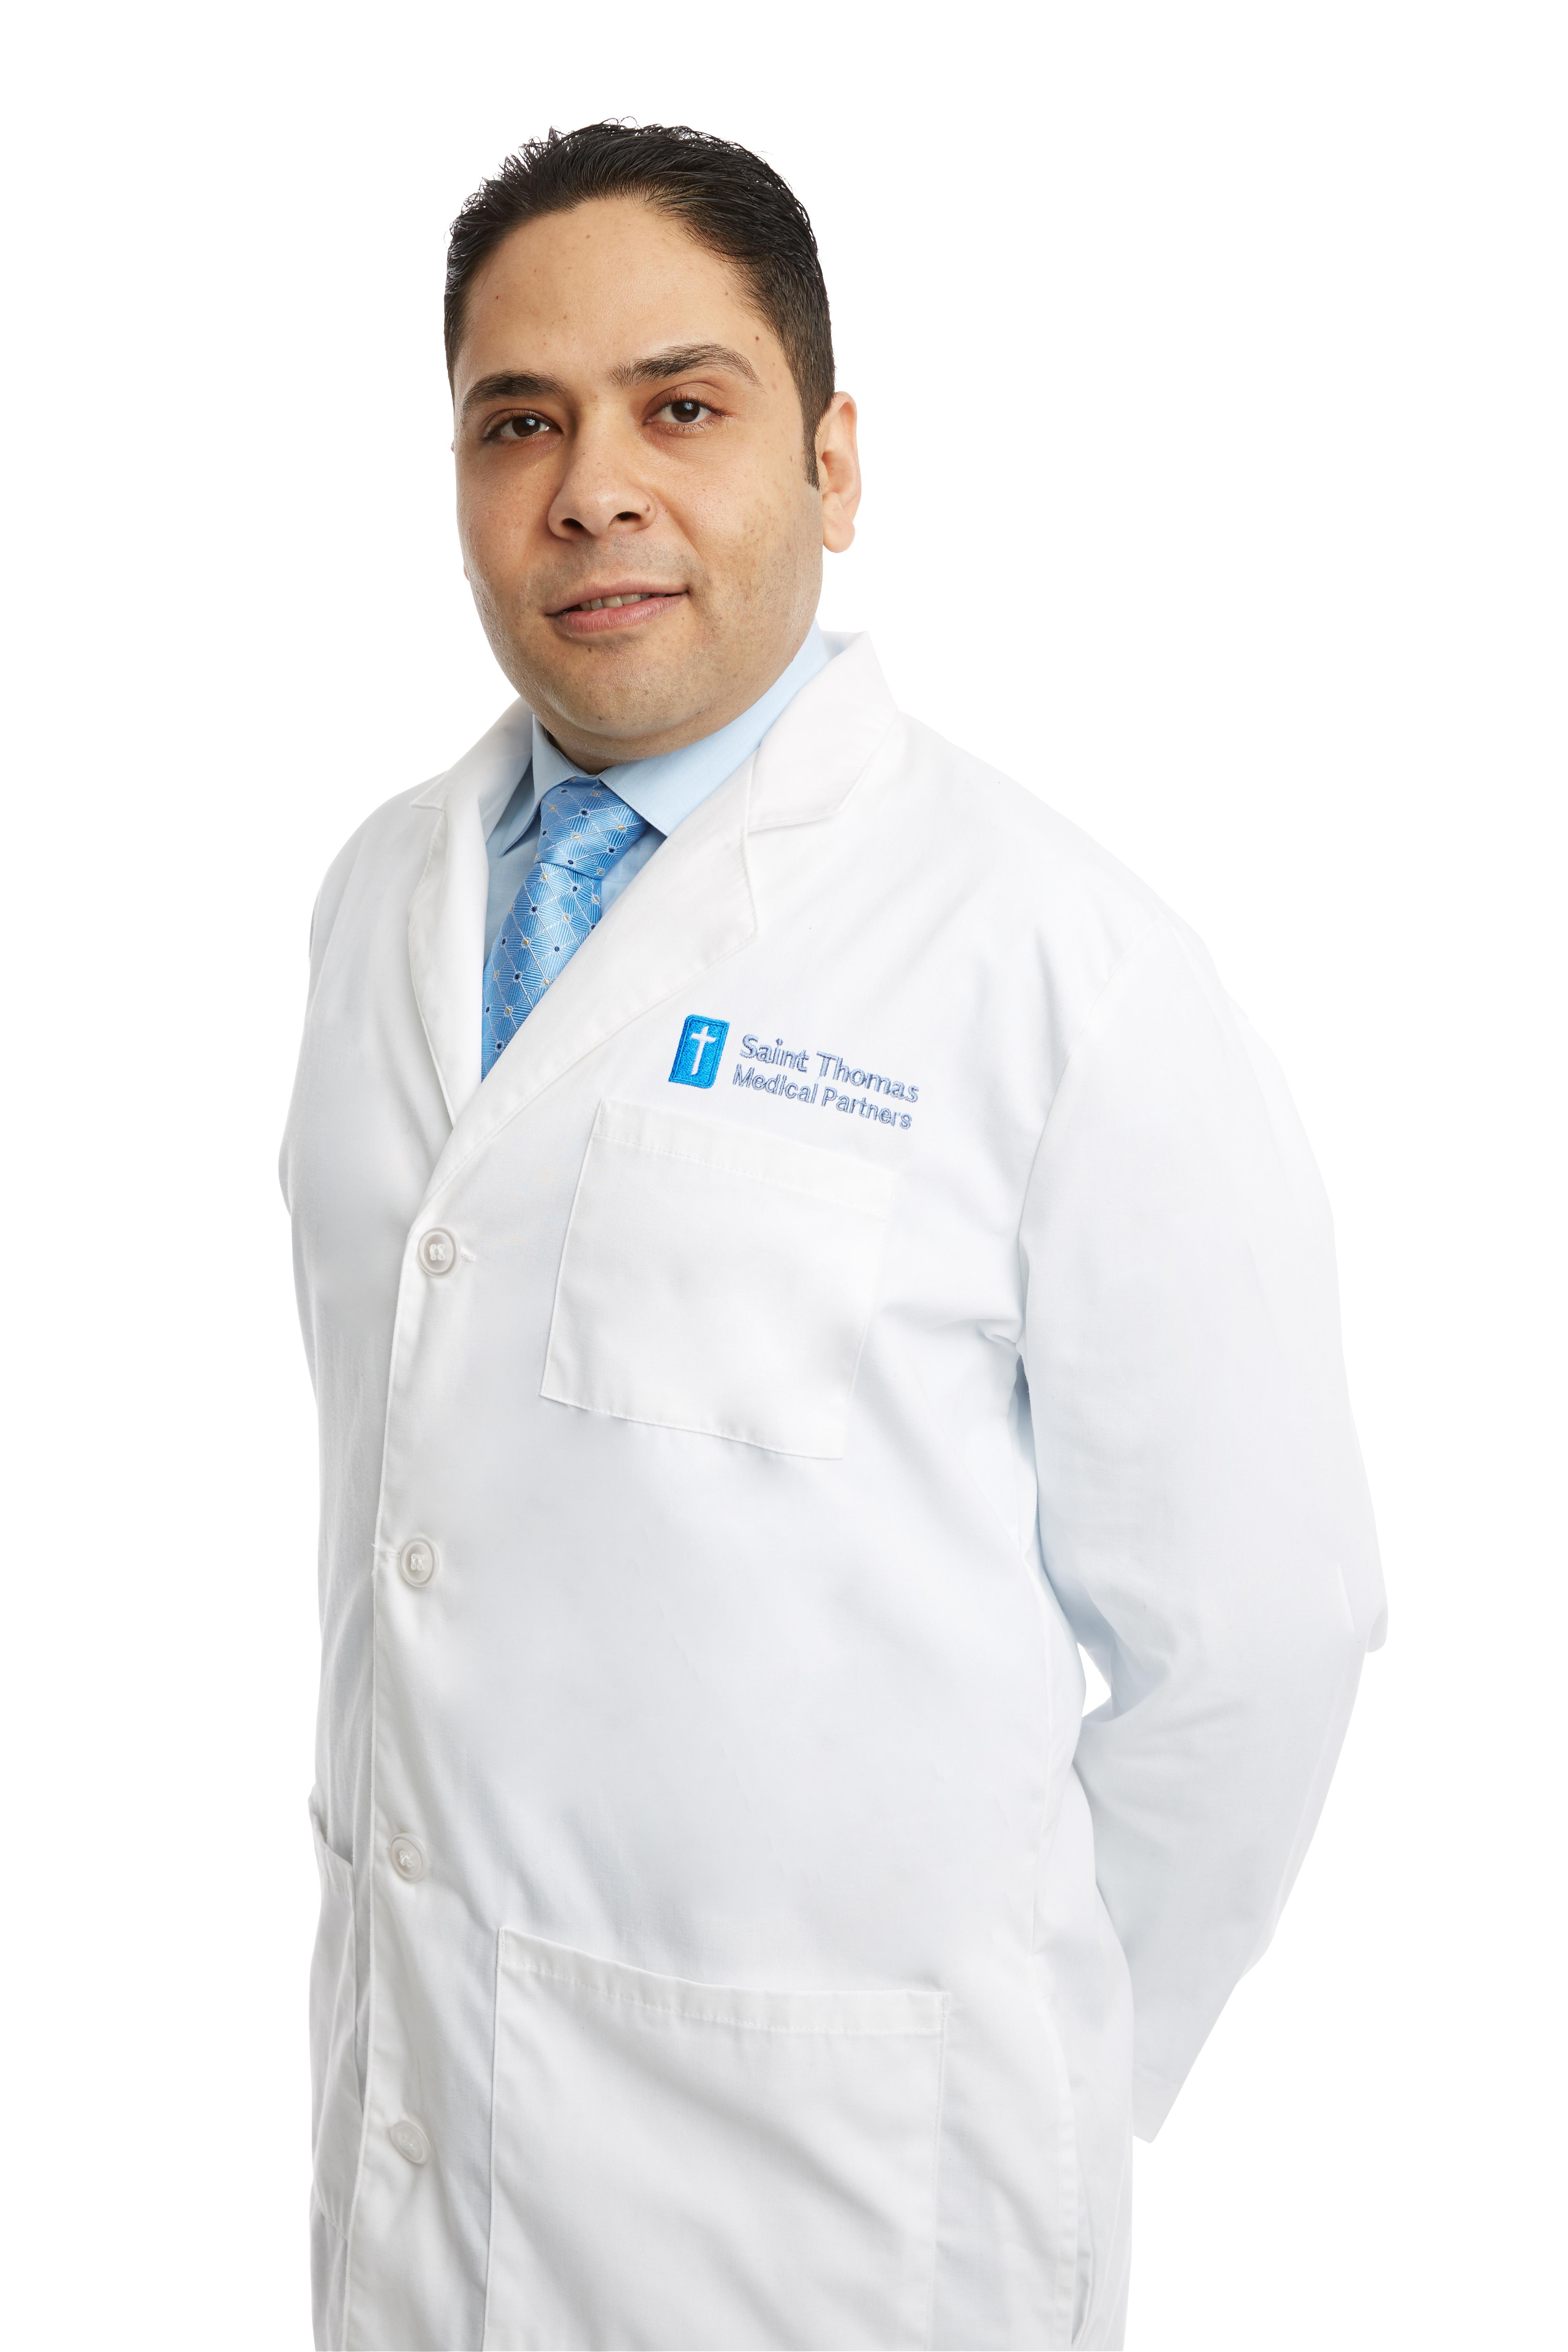 Ehab Hana, MD